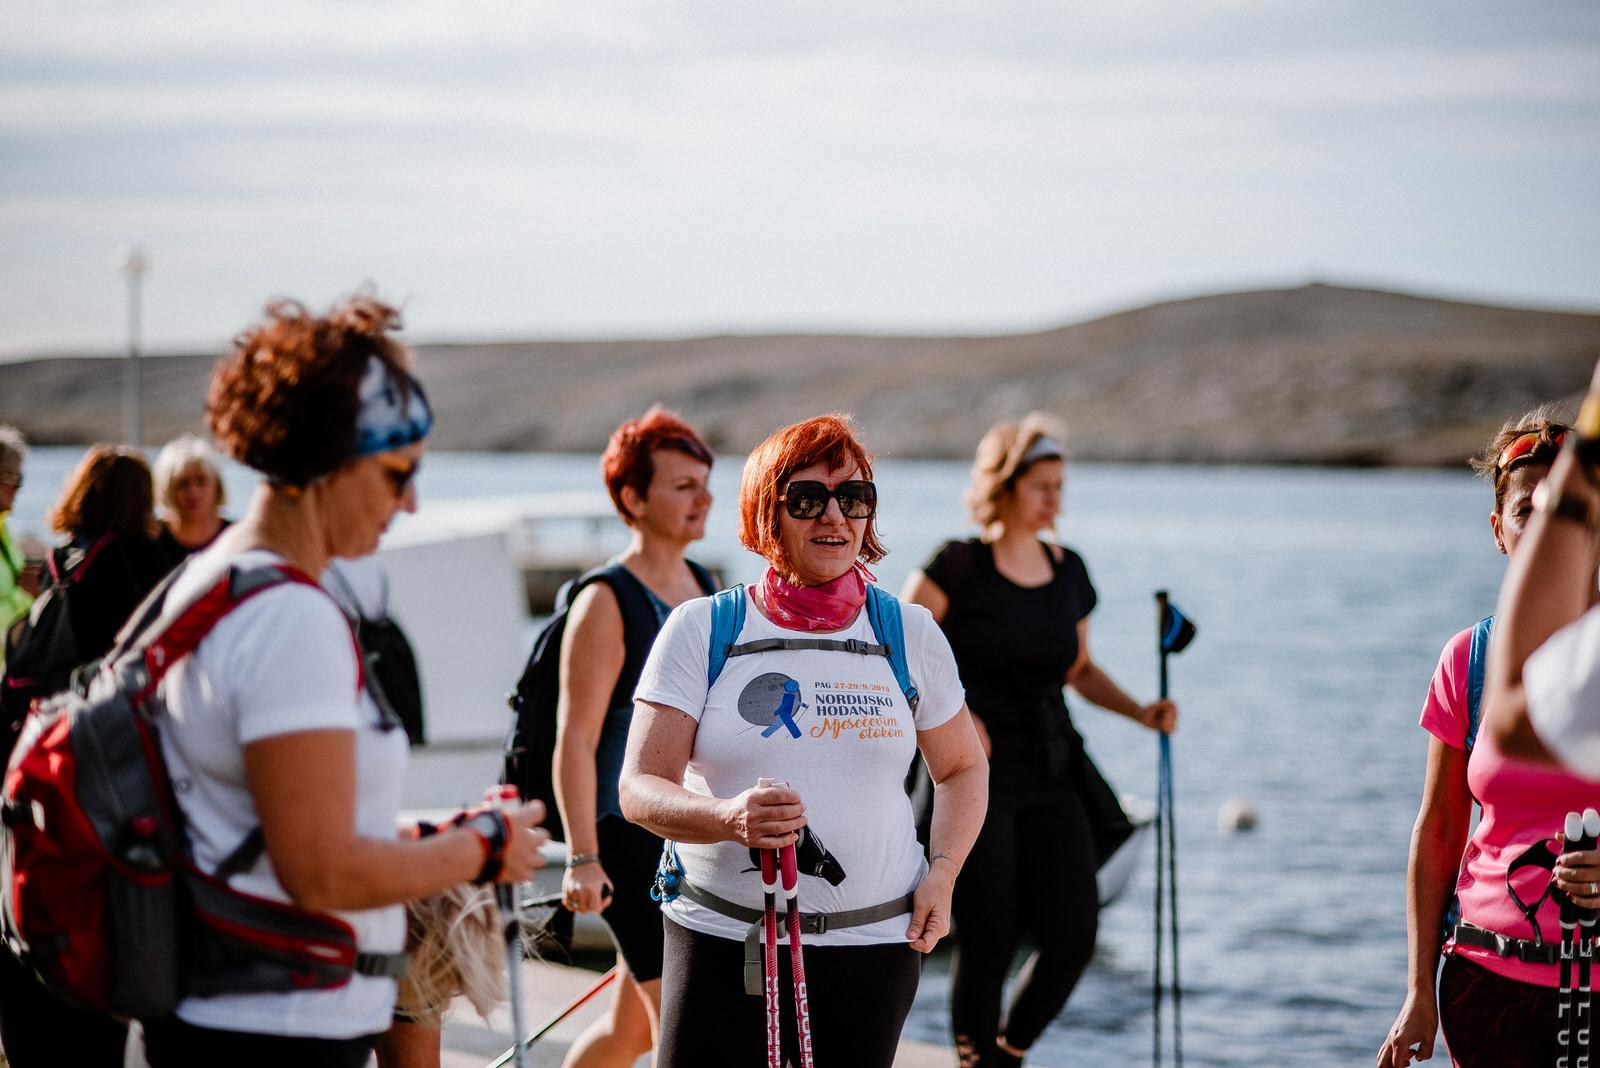 likaclub_nordijsko-hodanje-mjesečevim-otokom_pag-2019-6